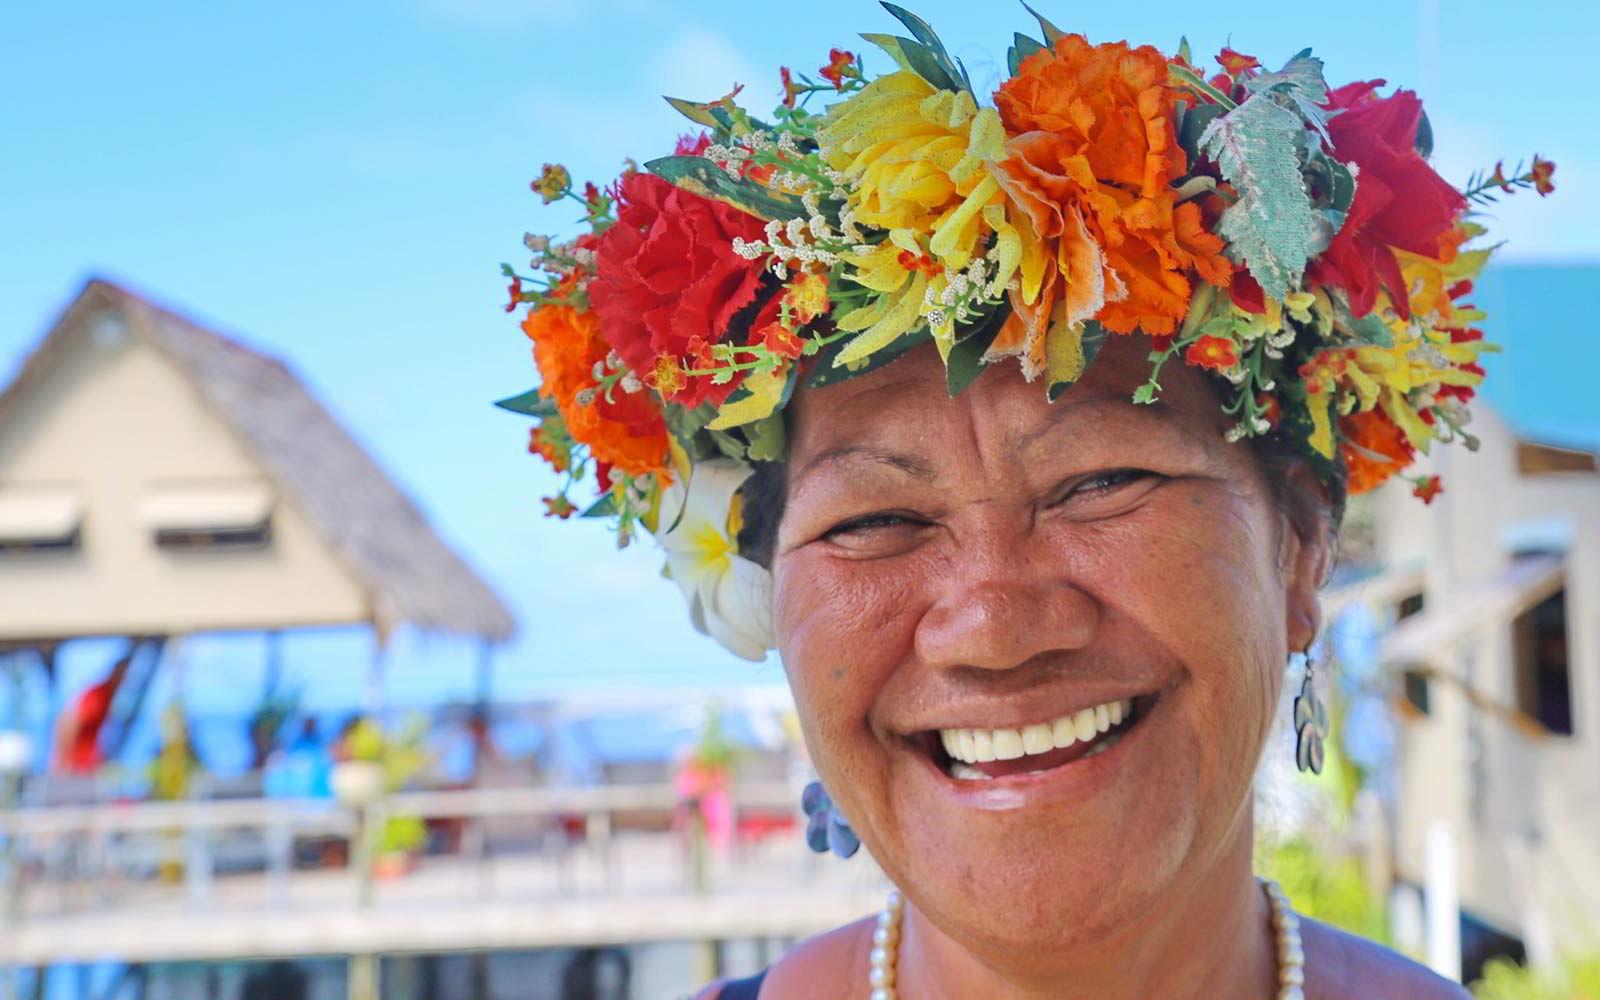 Il sorriso contagioso della popolazione locale delle isole polinesiane.